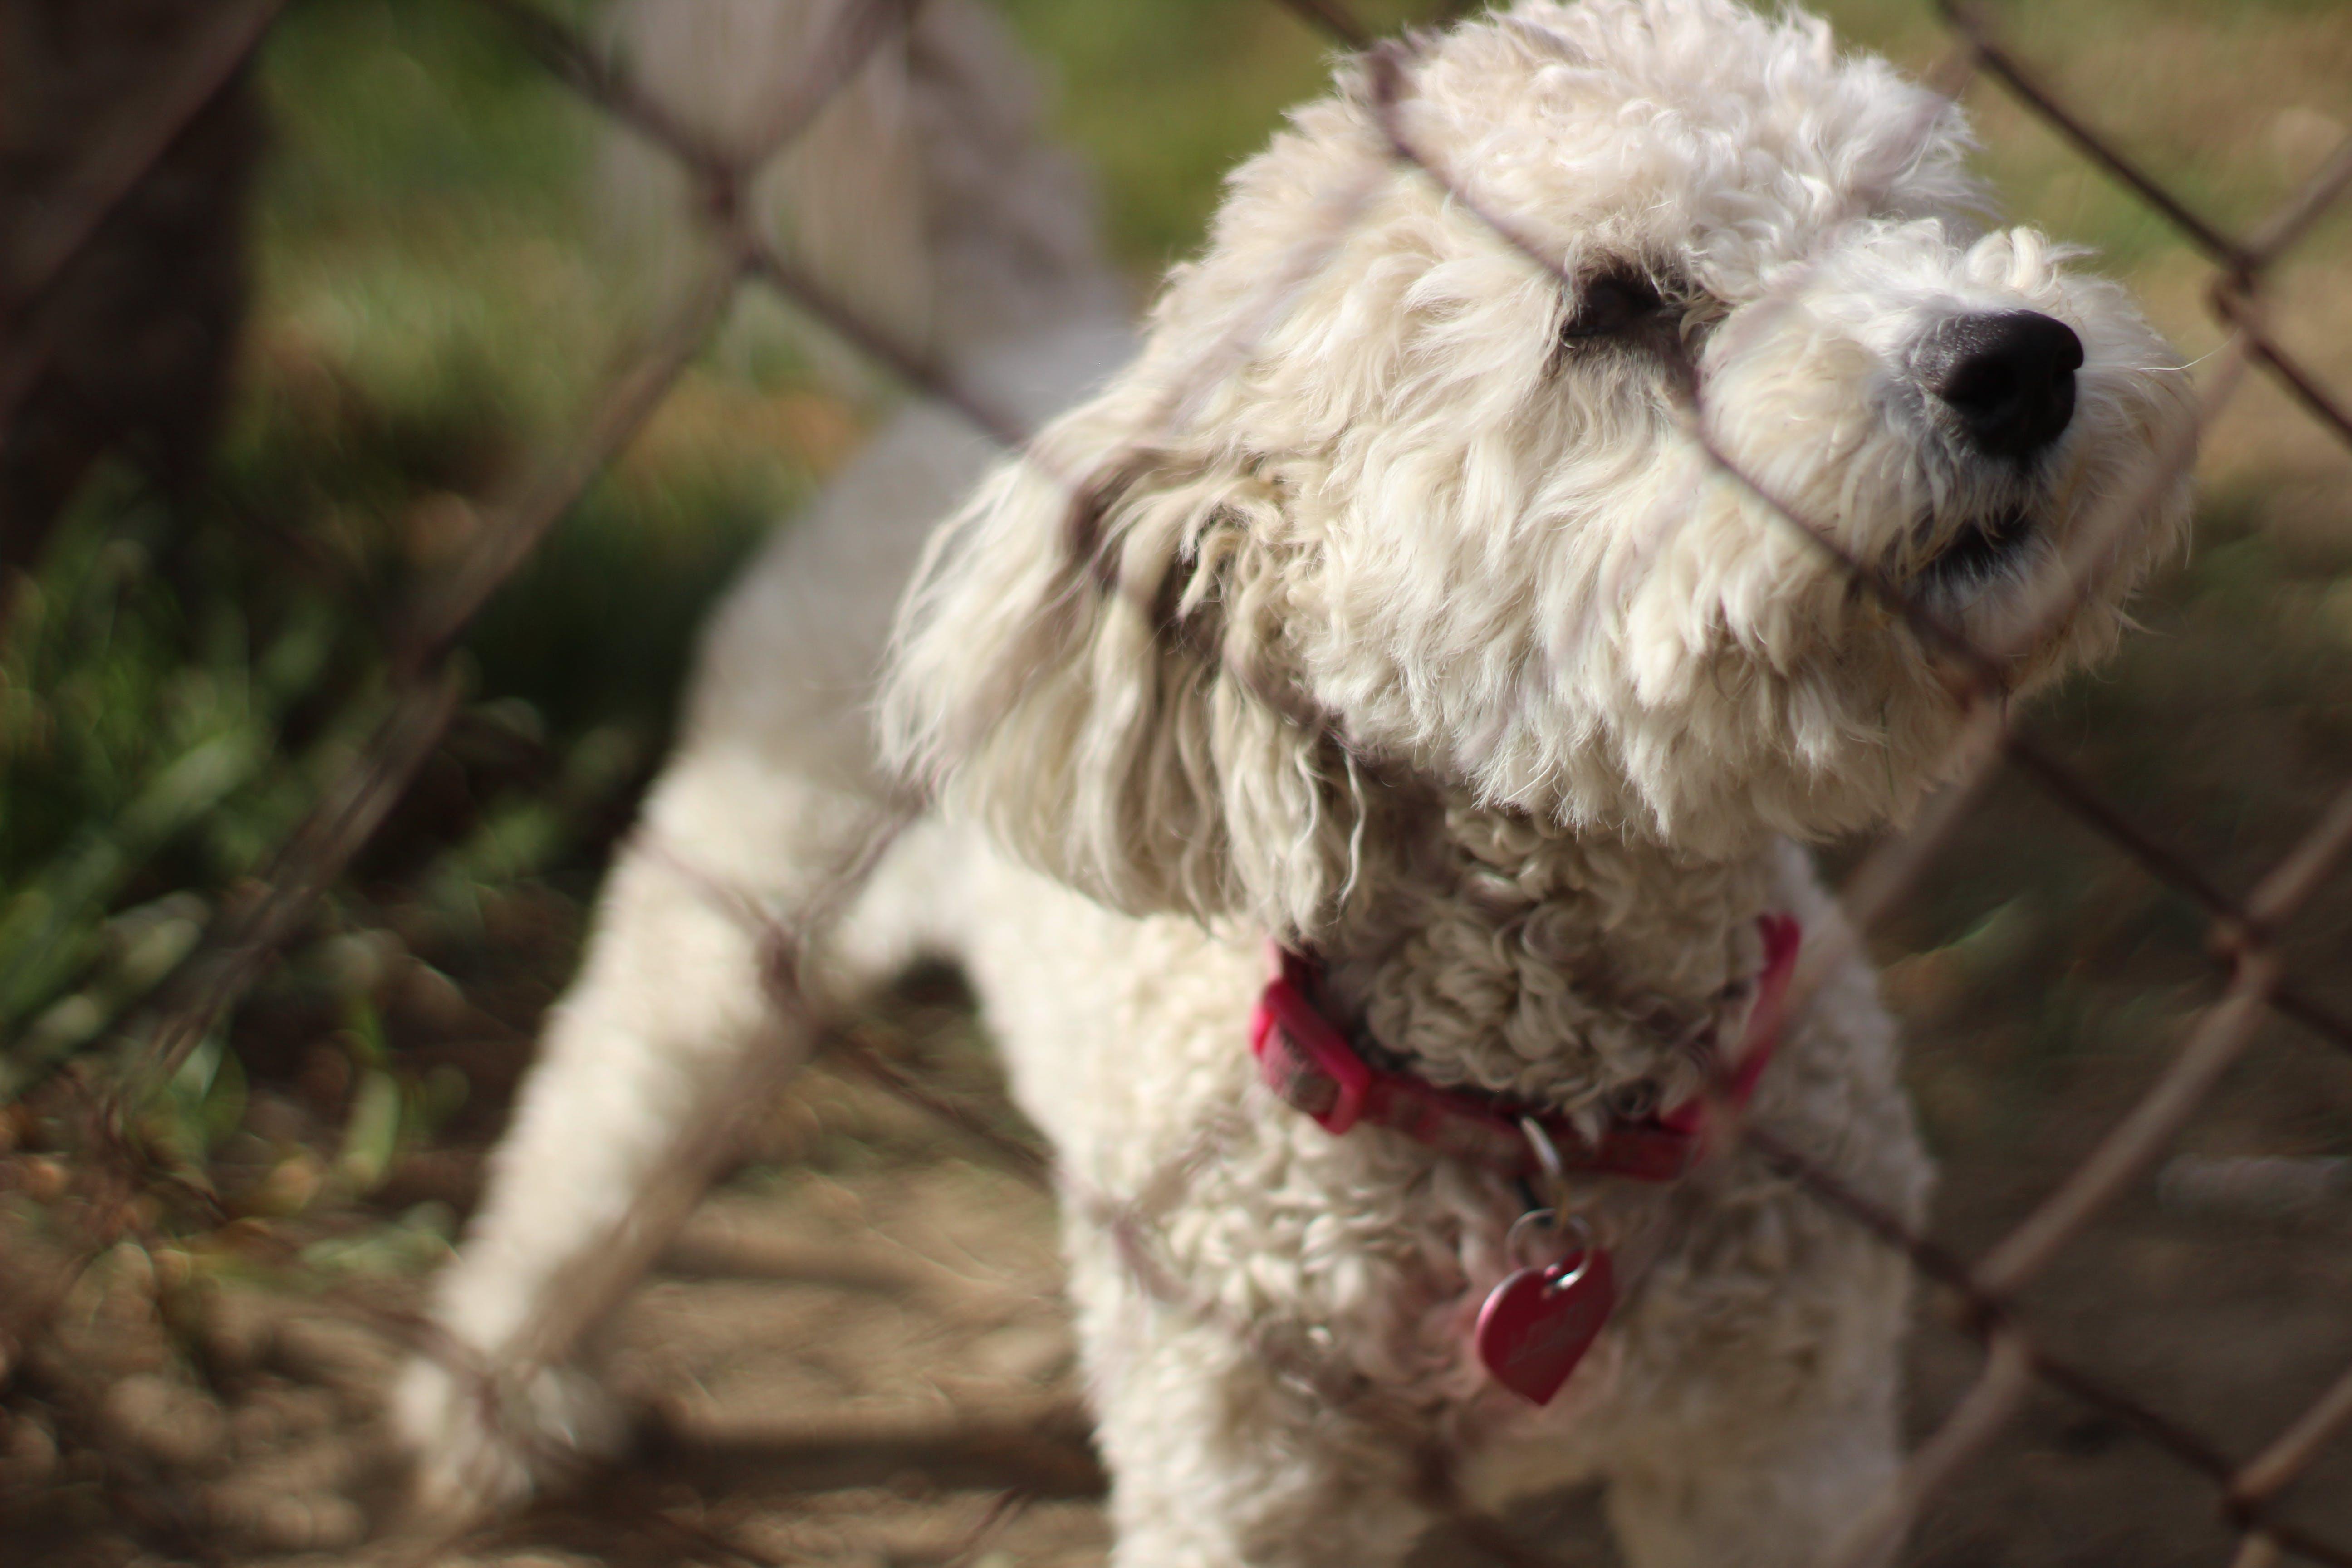 Kostenloses Stock Foto zu tier, hund, haustier, bezaubernd